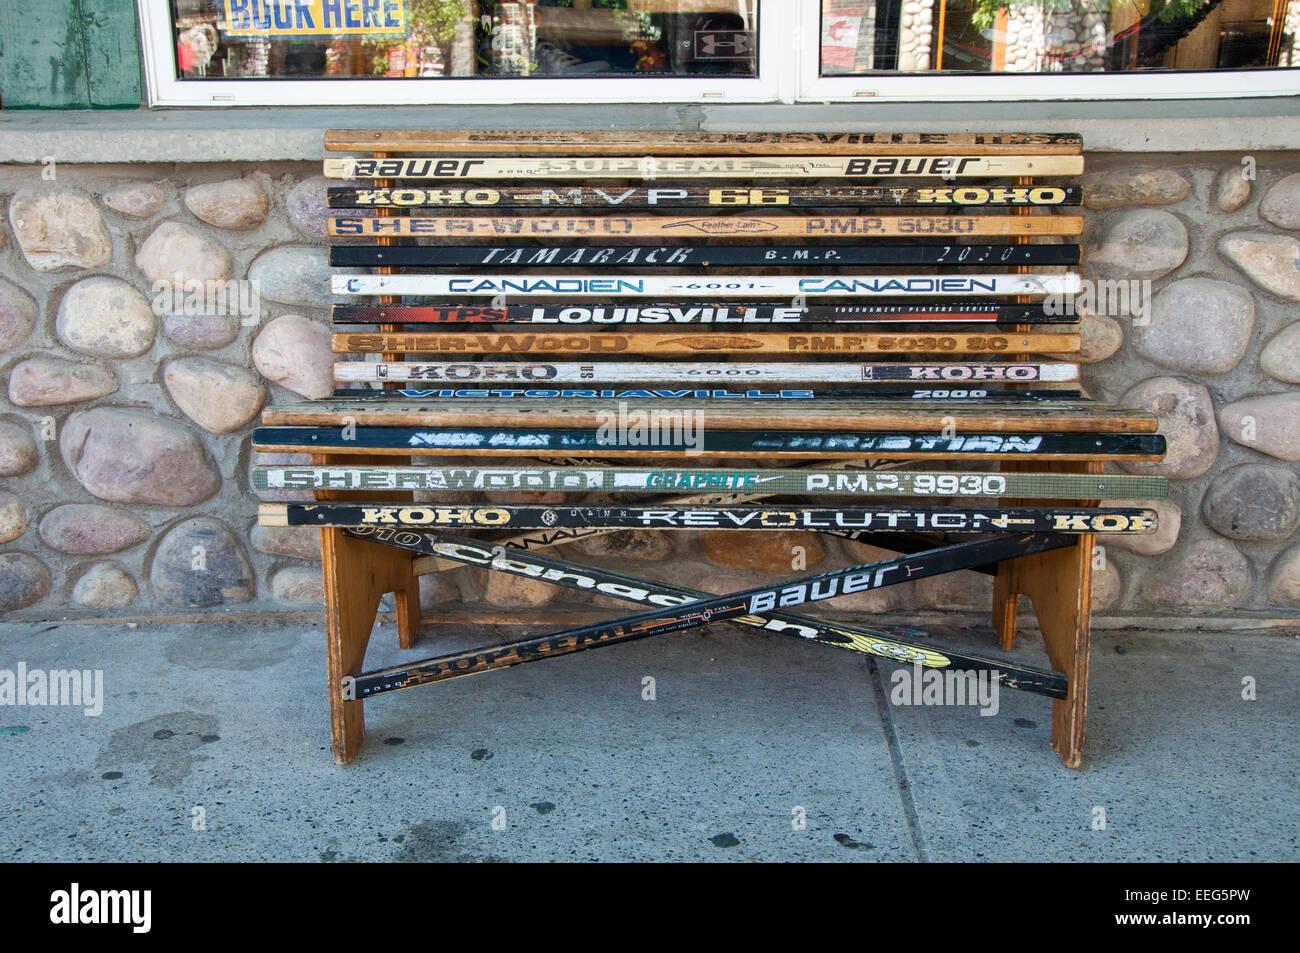 Panca realizzati dal vecchio ice hockey sticks - Jasper, Canada Immagini Stock